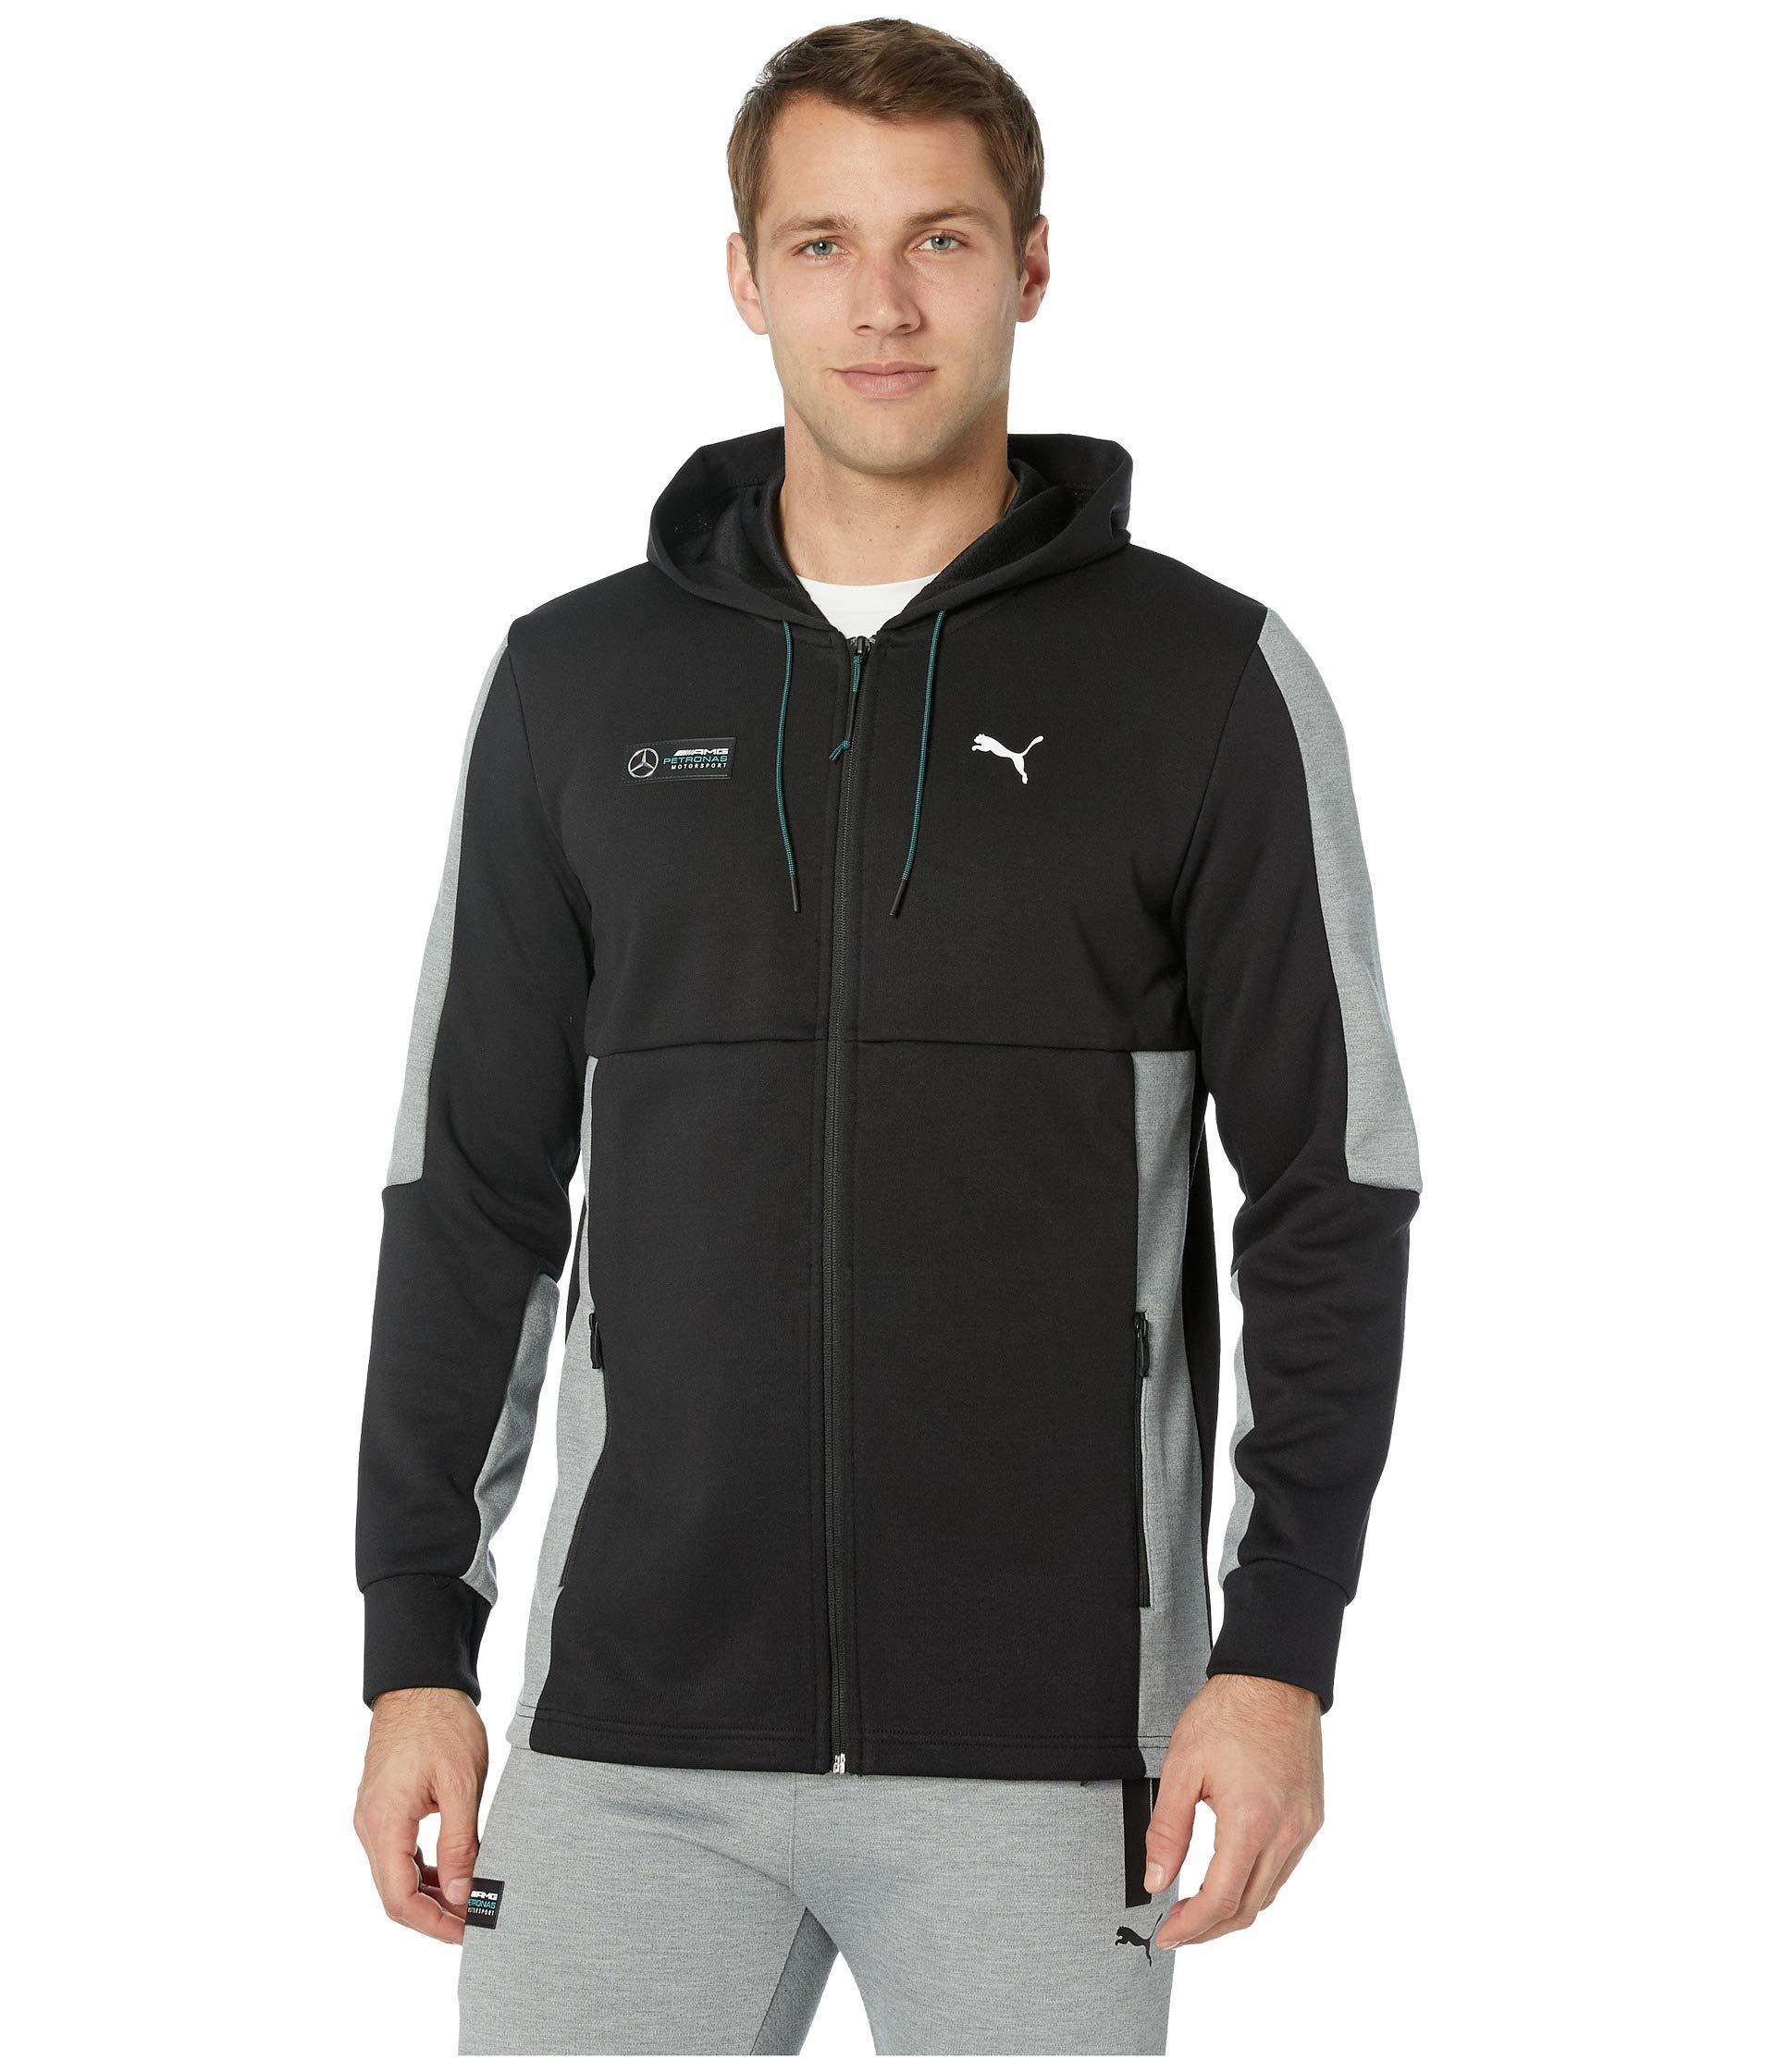 db886a0fb1 Puma amg petronas jacket